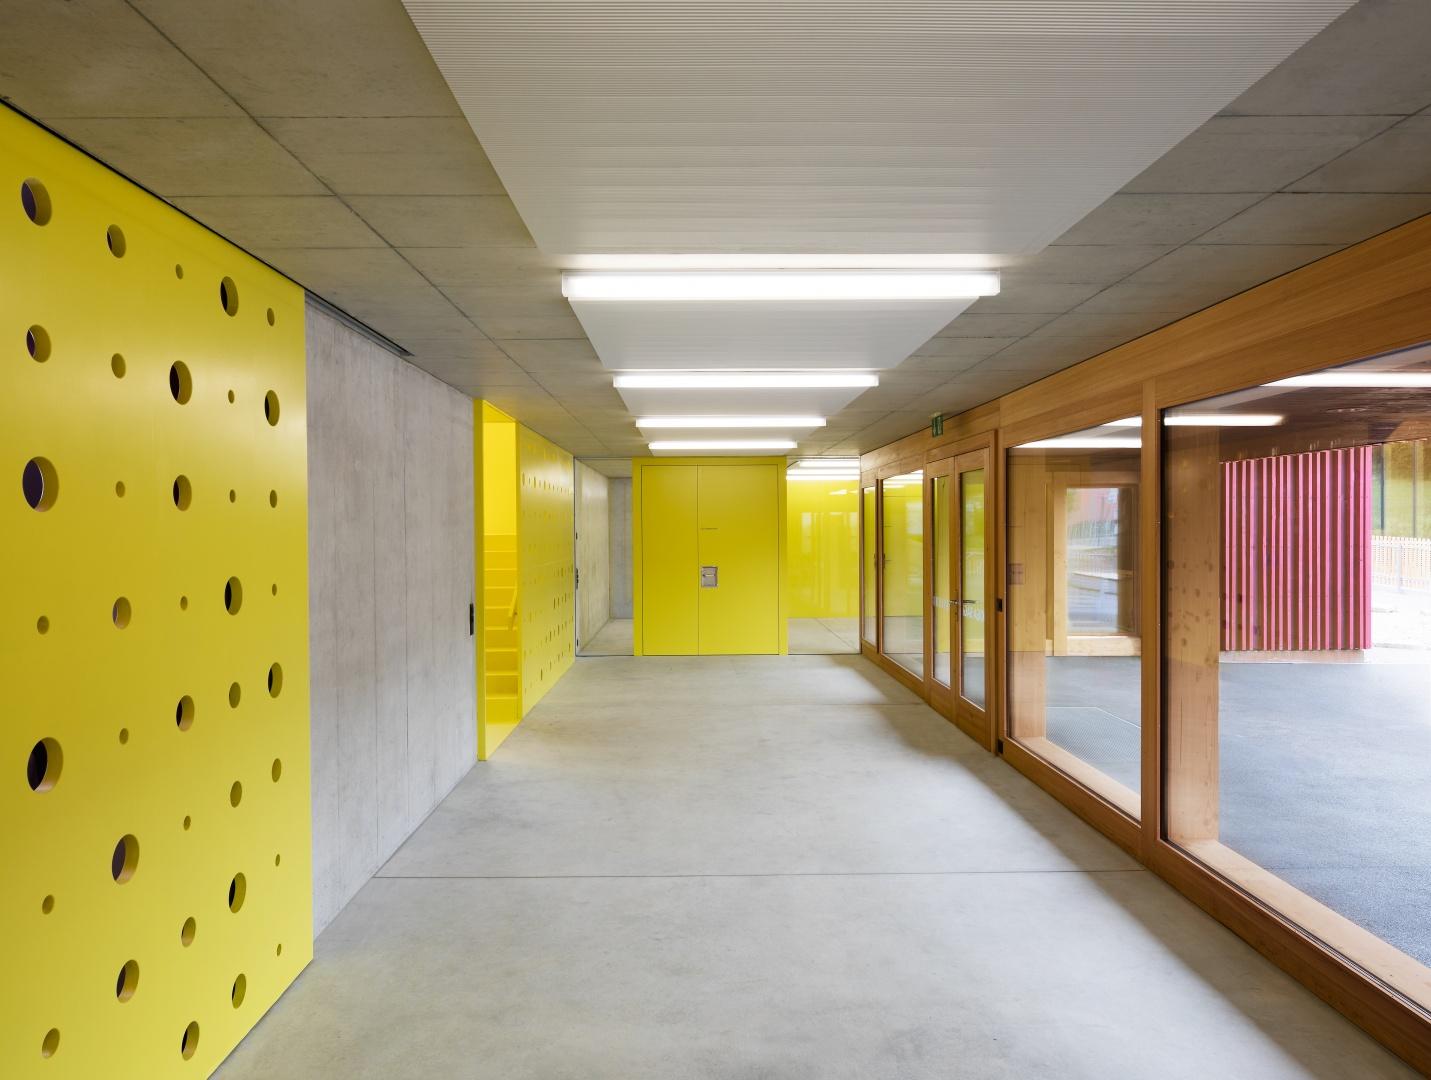 Garderobe © Singer Baenziger Architekten, Elisabethenstrasse 14a 8004 Zürich